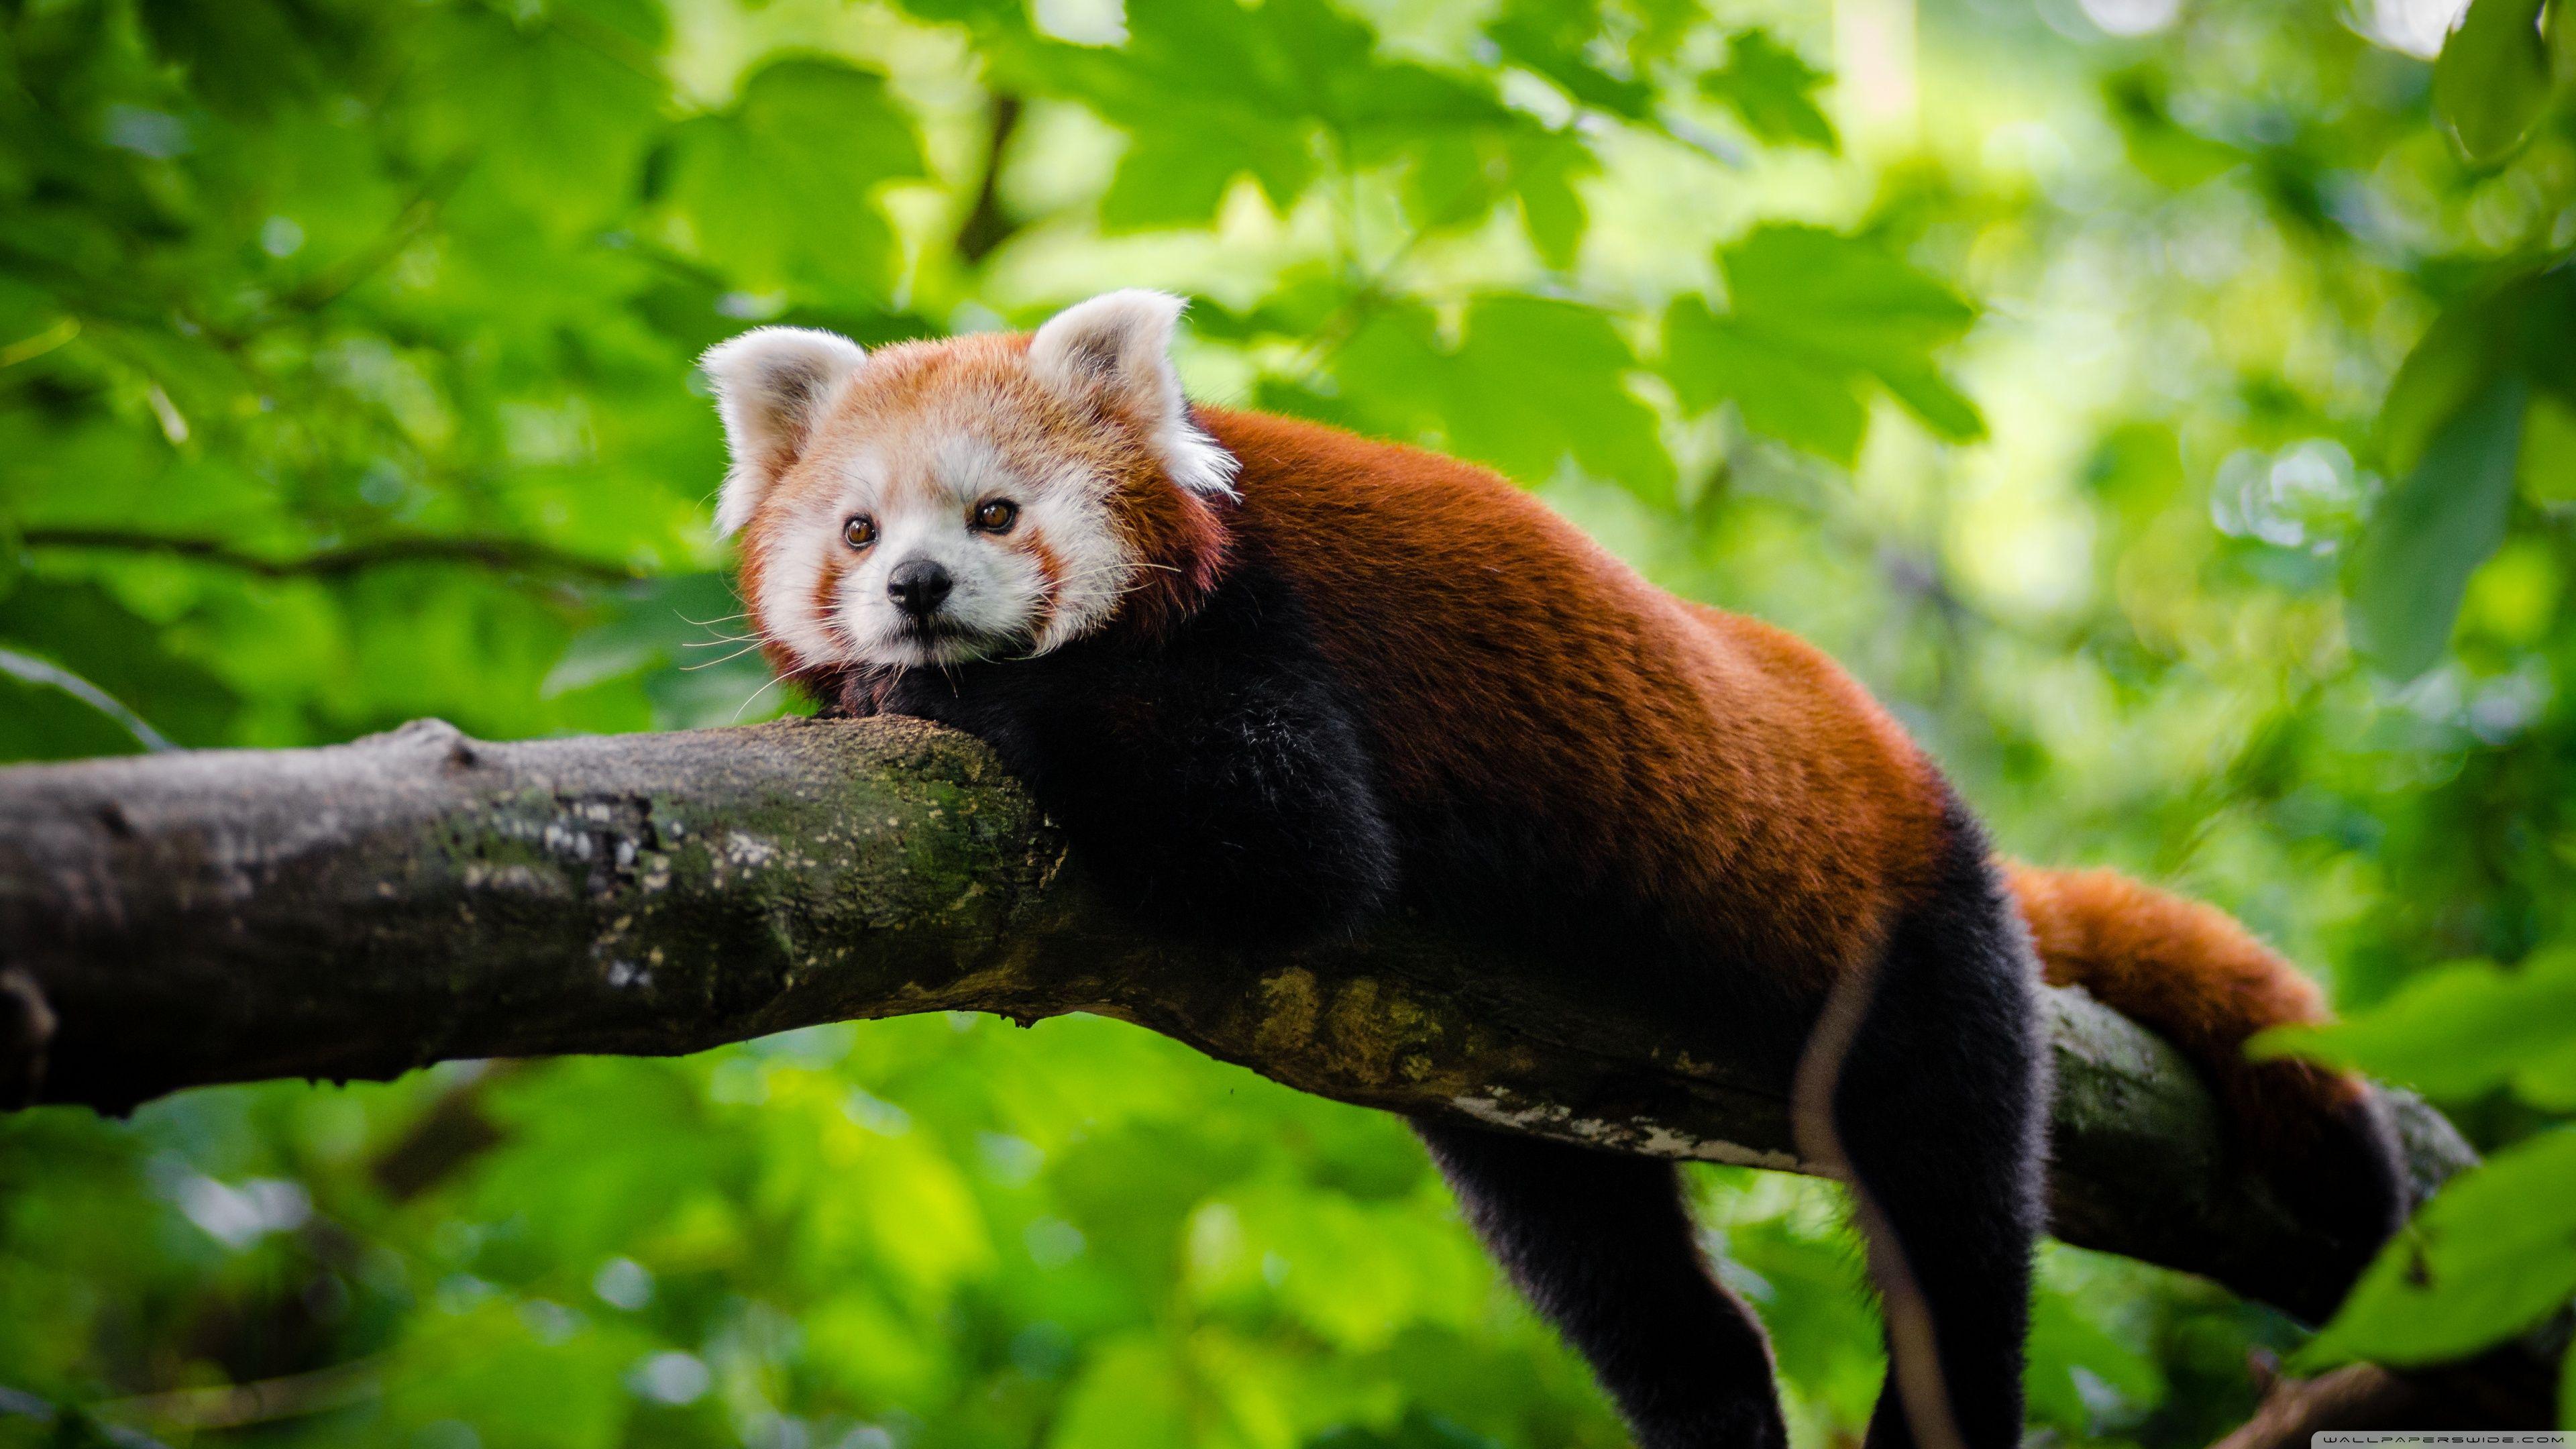 Cute Red Panda Hd Desktop Wallpaper Widescreen High